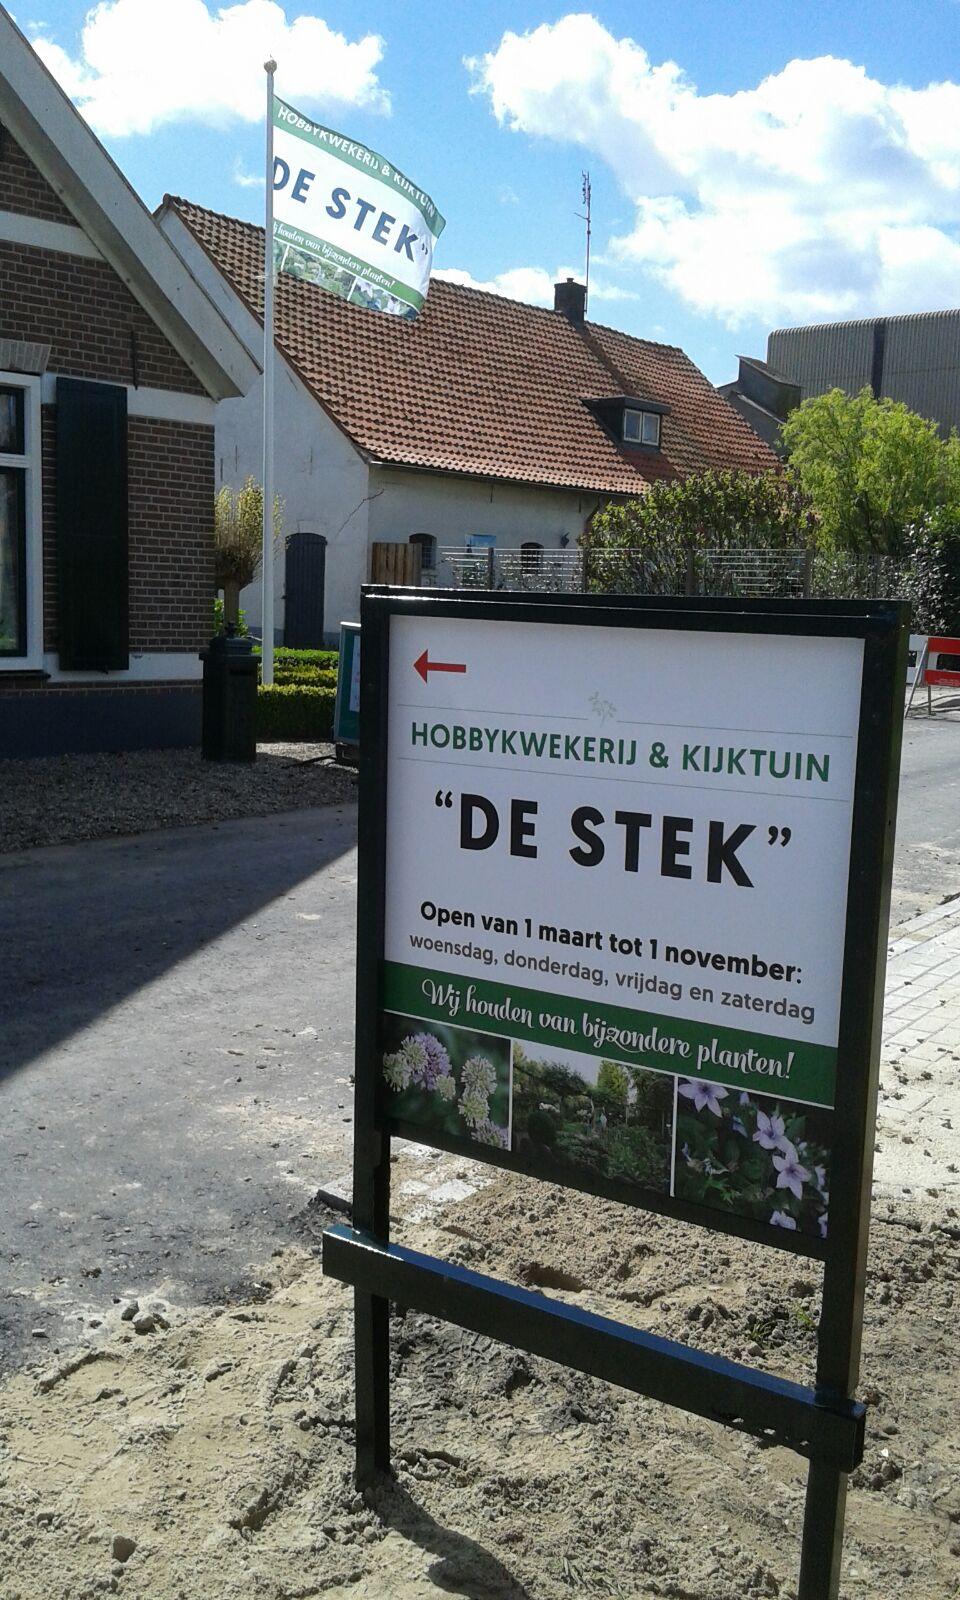 De Stek hobbykwekerij en kijktuin - Tuinbord aan de weg